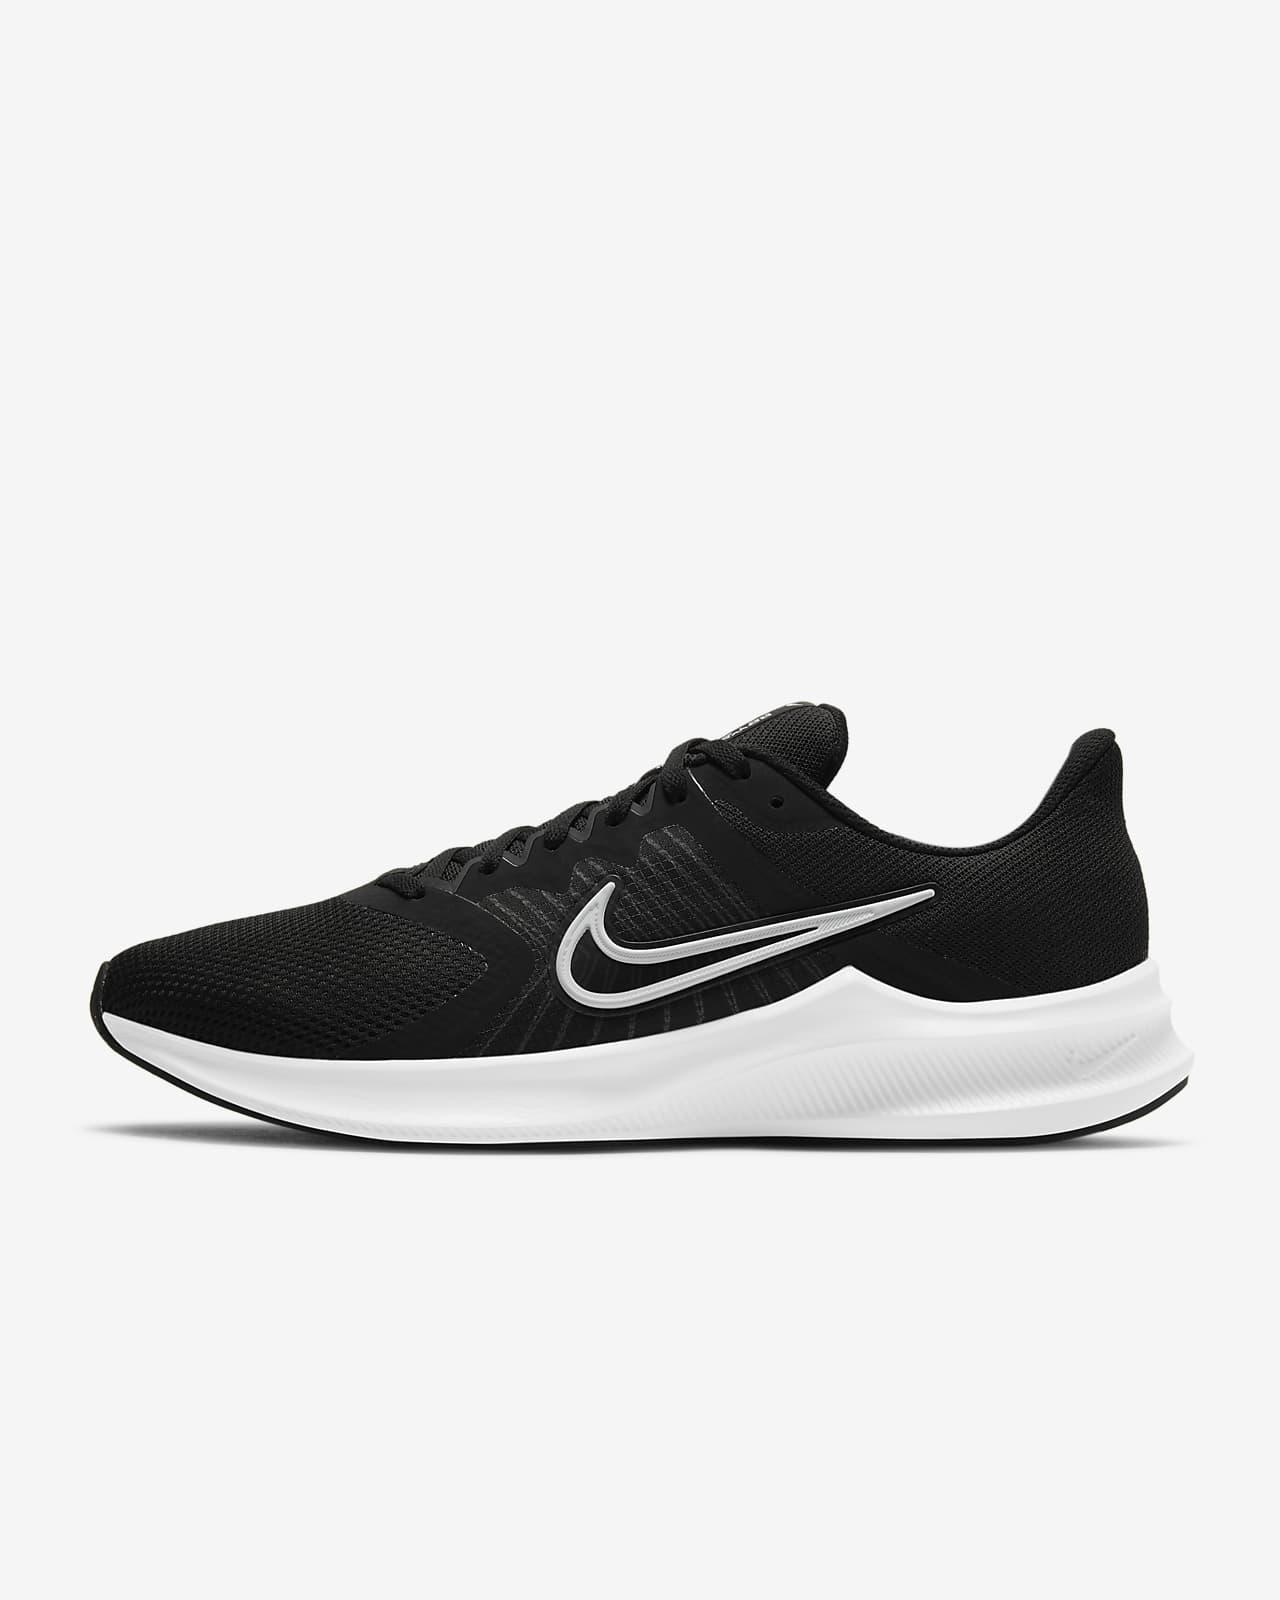 Nike Downshifter 11 Hardloopschoenen voor heren (straat)